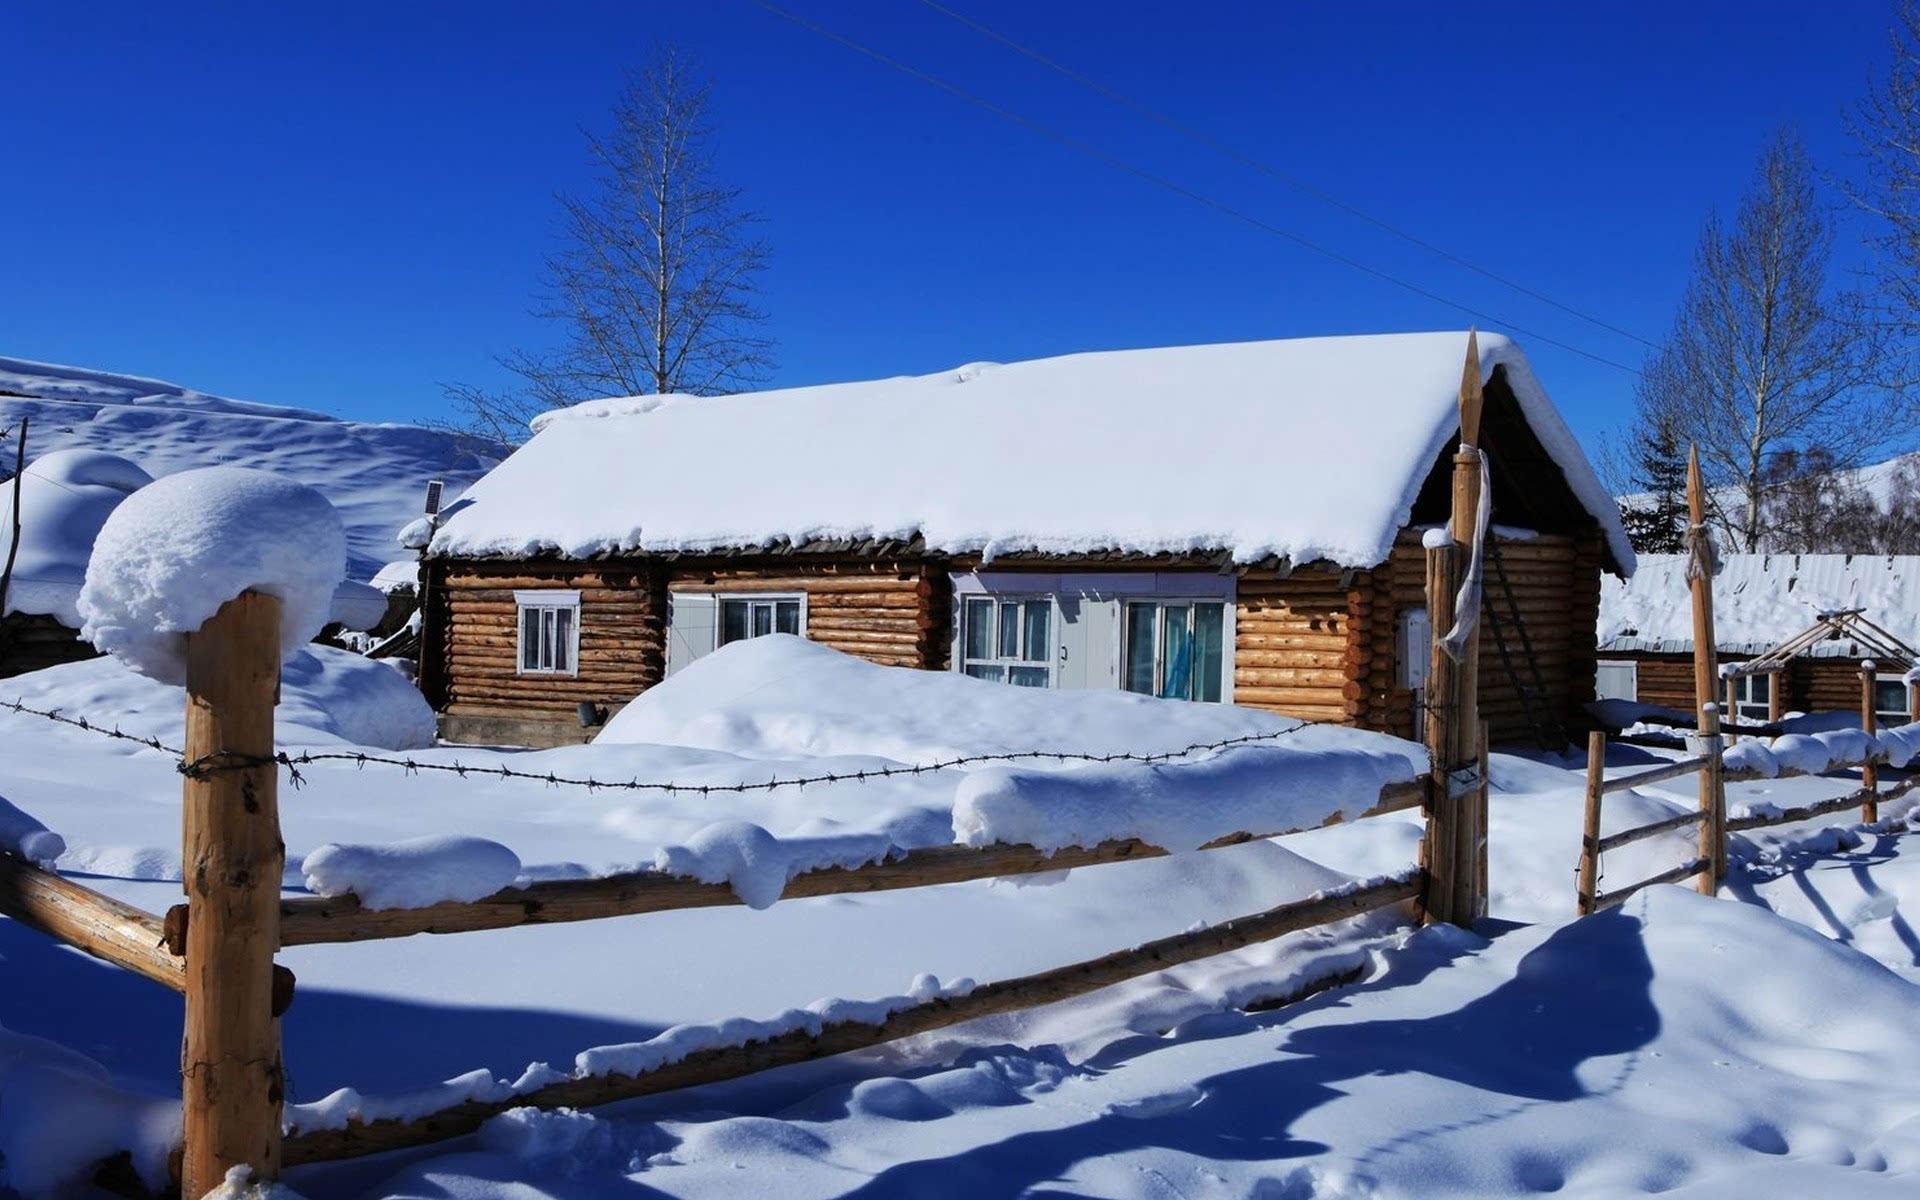 洁白的雪景与黑灰色木屋形成